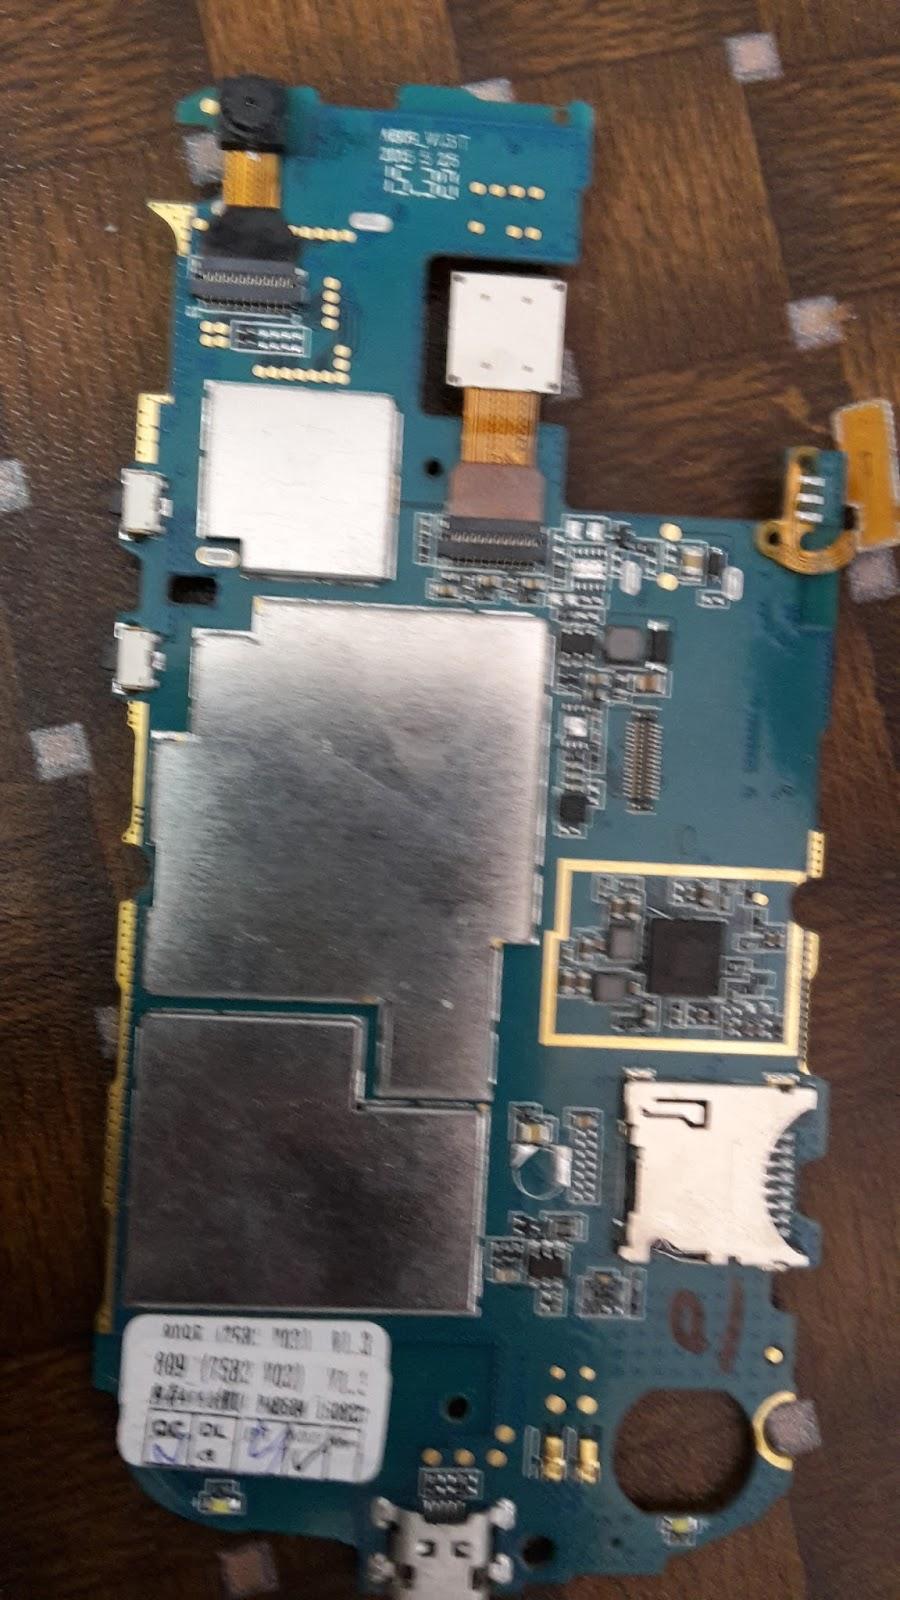 SAMSUNG S7582 MT6572 NAND 4 4 2 DEAD FIX, LCD FIX, SP FLASH TOOLS